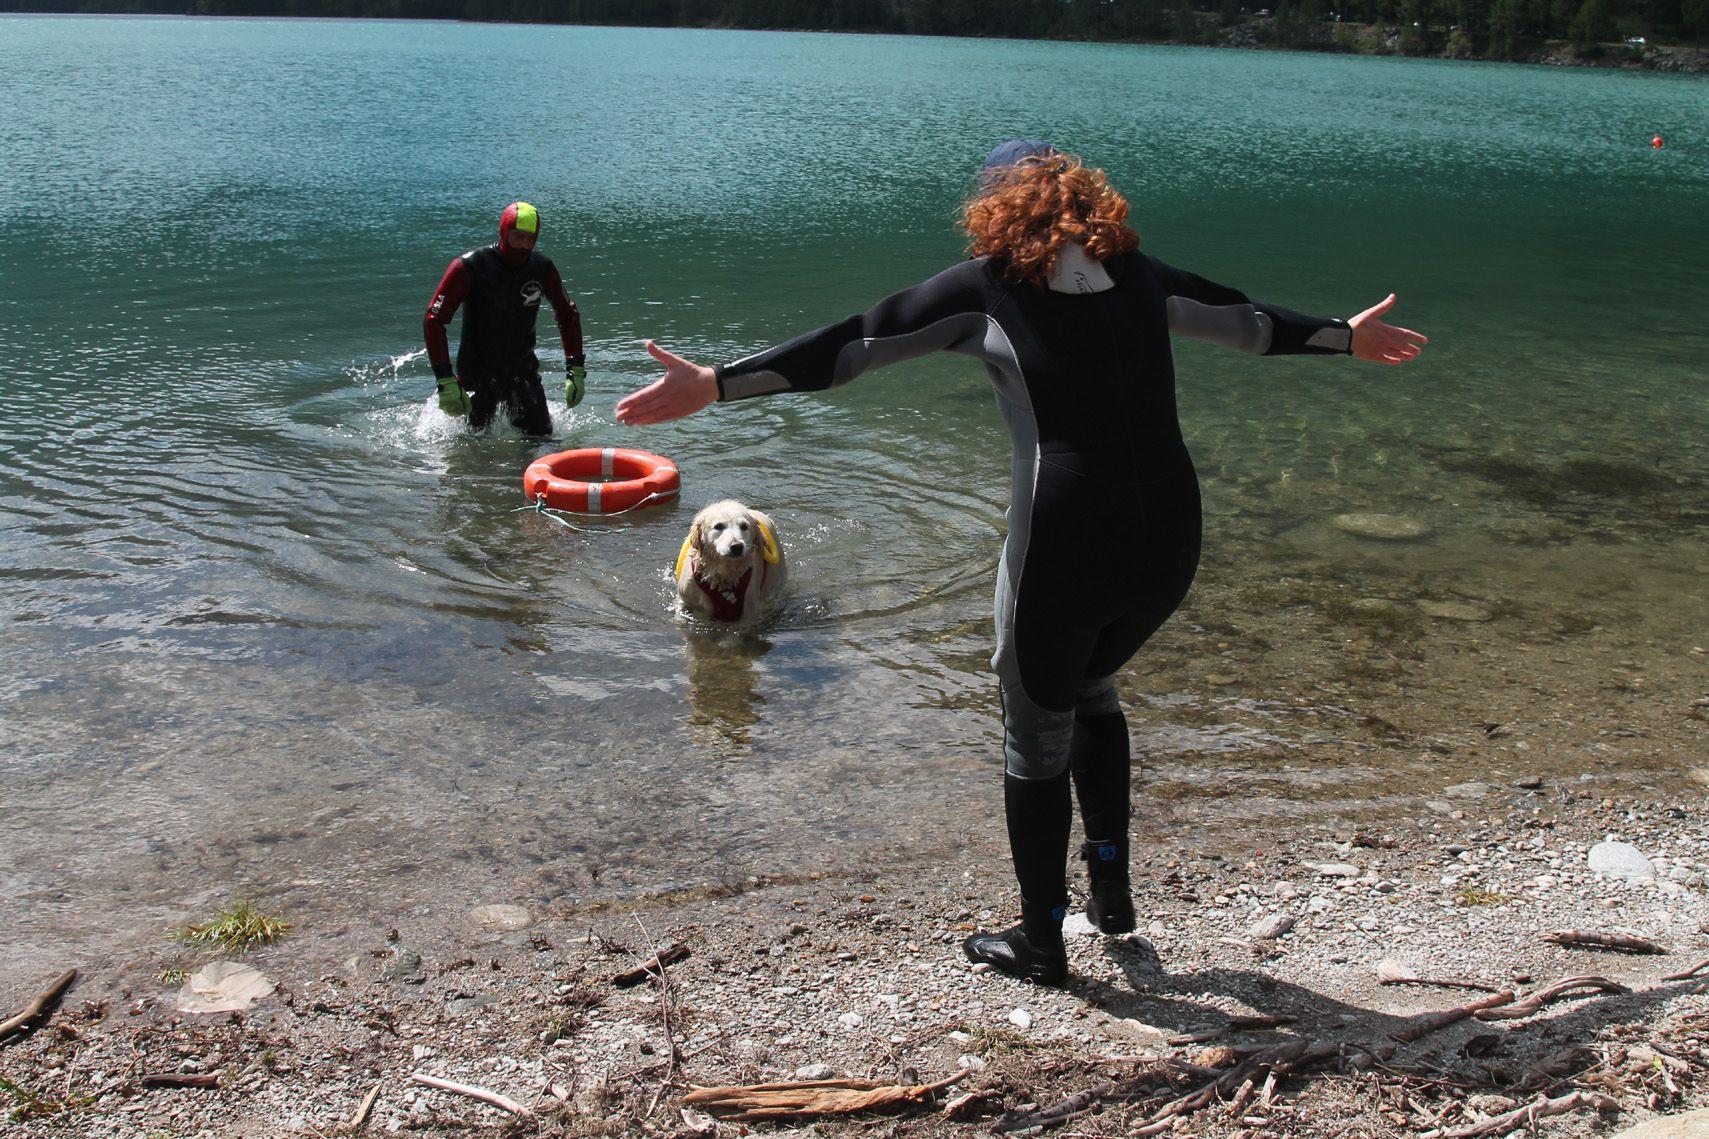 CERESOLE REALE - Cani da salvataggio nelle acque del lago - FOTO e VIDEO